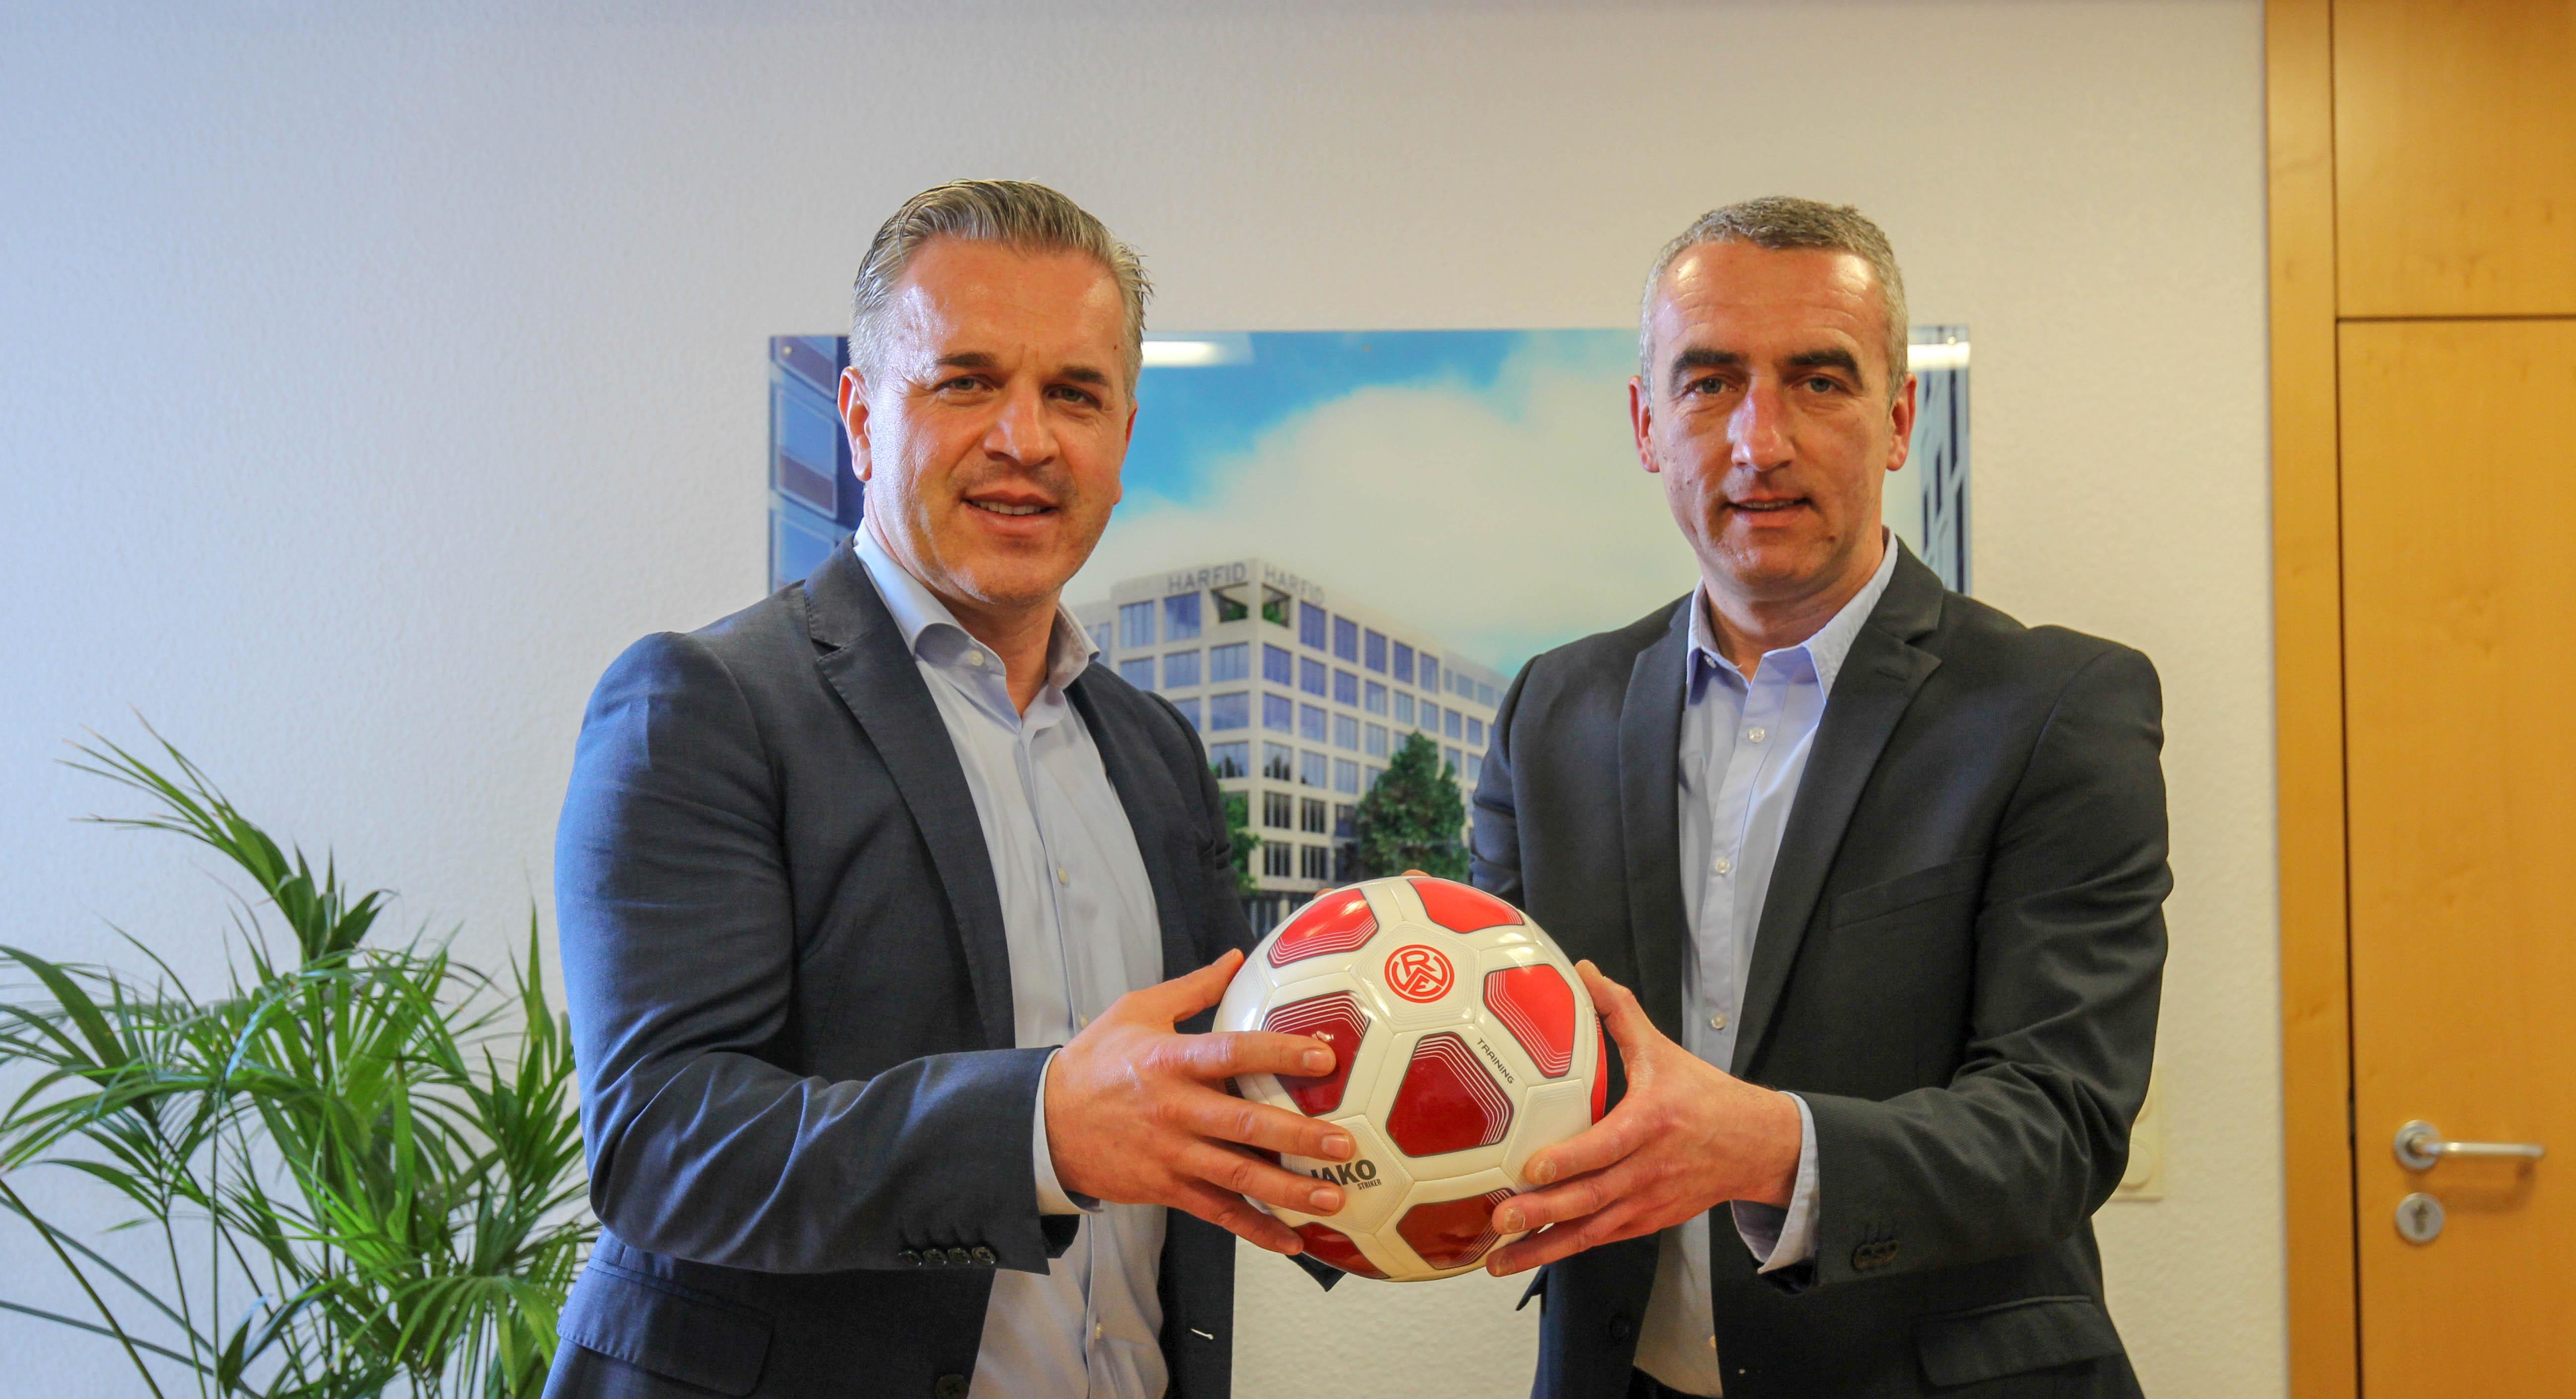 Harfid Hadrovic (li.) und sein Unternehmen erweitern das Engagement an der Hafenstraße Saison deutlich. (Foto: RWE)